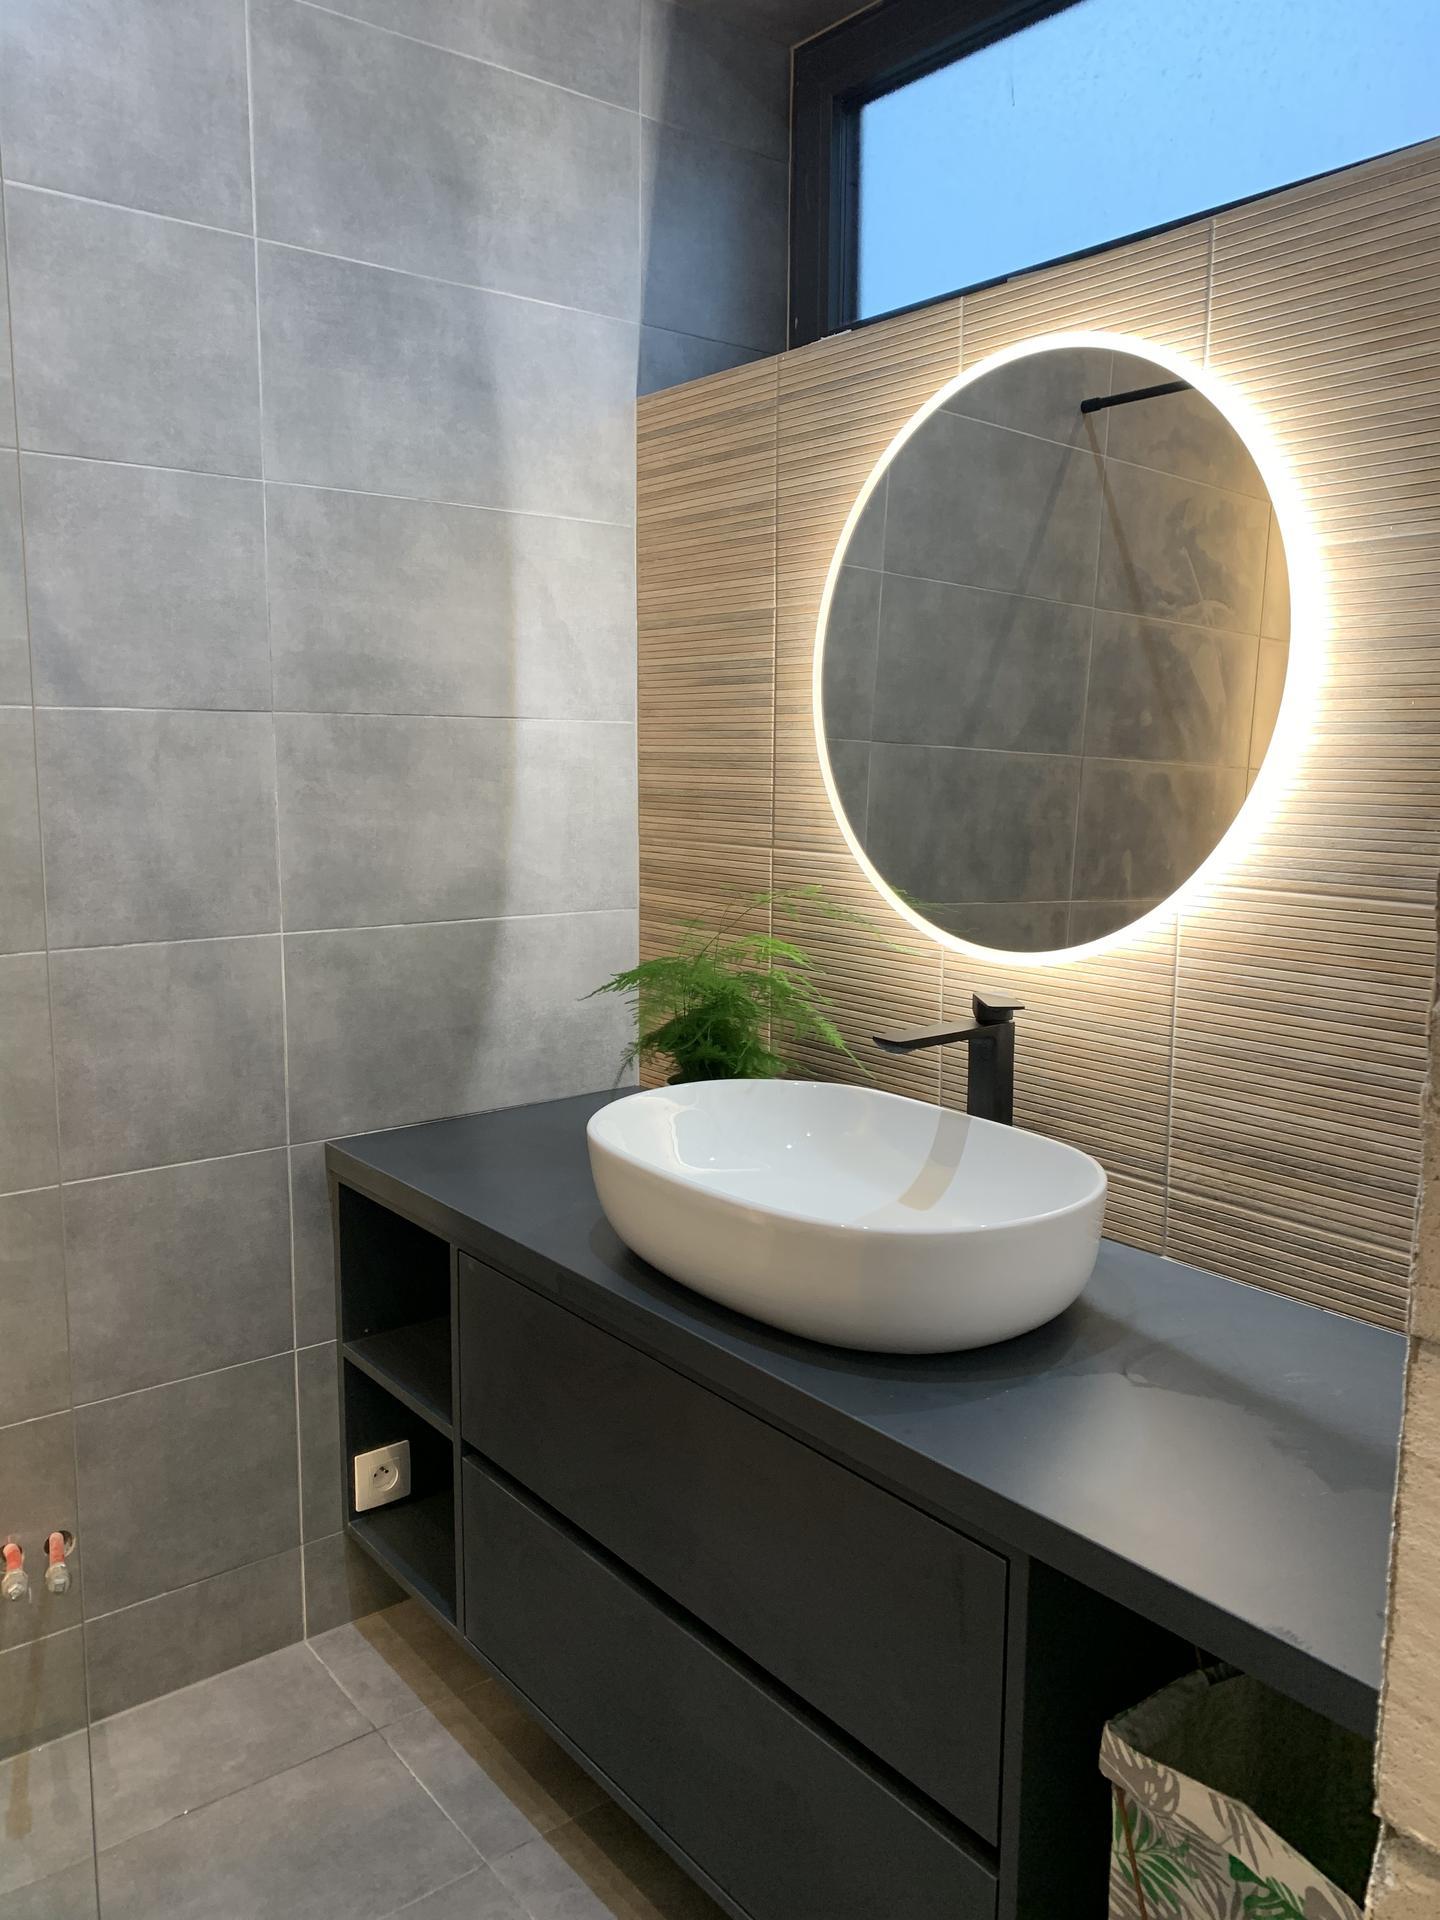 Linear 324 ❤️ - Rodičovská kúpeľňa. Menšia, ale o to útulnejšia.